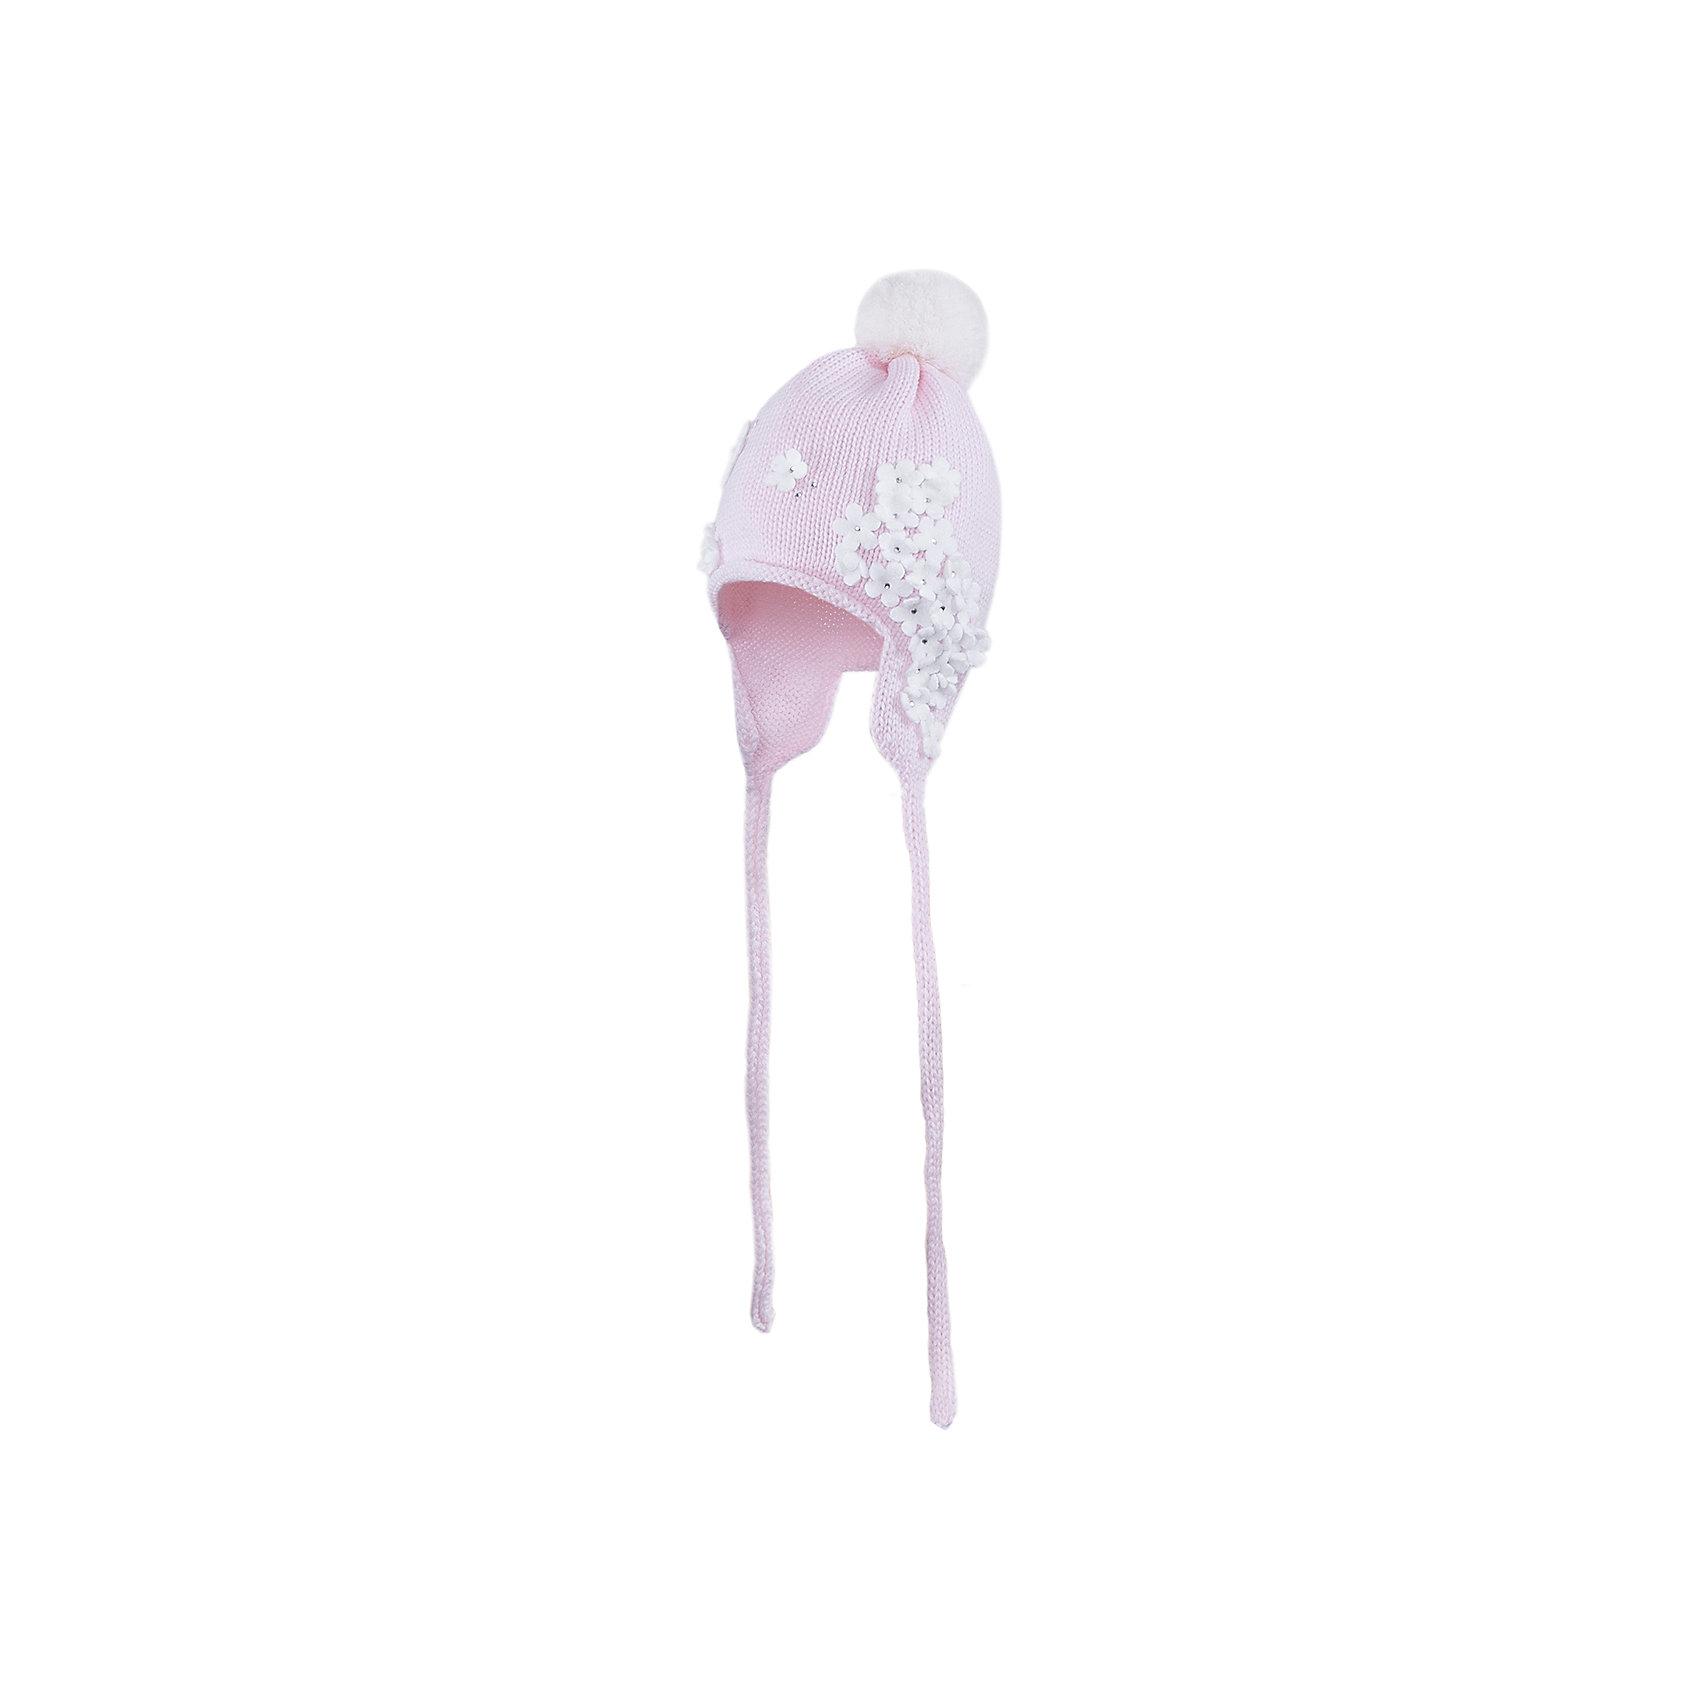 Шапка для девочки АртельГоловные уборы<br>Шапка для девочки от торговой марки Артель <br><br>Теплая шапка отлично смотрится на детях и комфортно сидит. Эта модель создана специально для девочек. Изделие выполнено из качественных материалов. Отличный вариант для переменной погоды межсезонья! <br>Одежда от бренда Артель – это высокое качество по приемлемой цене и всегда продуманный дизайн. <br><br>Особенности модели: <br>- цвет — розовый; <br>- украшена объемной аппликацией; <br>- застежка внизу; <br>- натуральная шерсть. <br><br>Дополнительная информация: <br><br>Состав: 100% шерсть.<br><br><br>Температурный режим: <br>от -10 °C до +10 °C <br><br>Шапку для девочки Артель (Artel) можно купить в нашем магазине.<br><br>Ширина мм: 89<br>Глубина мм: 117<br>Высота мм: 44<br>Вес г: 155<br>Цвет: розовый<br>Возраст от месяцев: 3<br>Возраст до месяцев: 4<br>Пол: Женский<br>Возраст: Детский<br>Размер: 42,46,50,44,48<br>SKU: 4500398